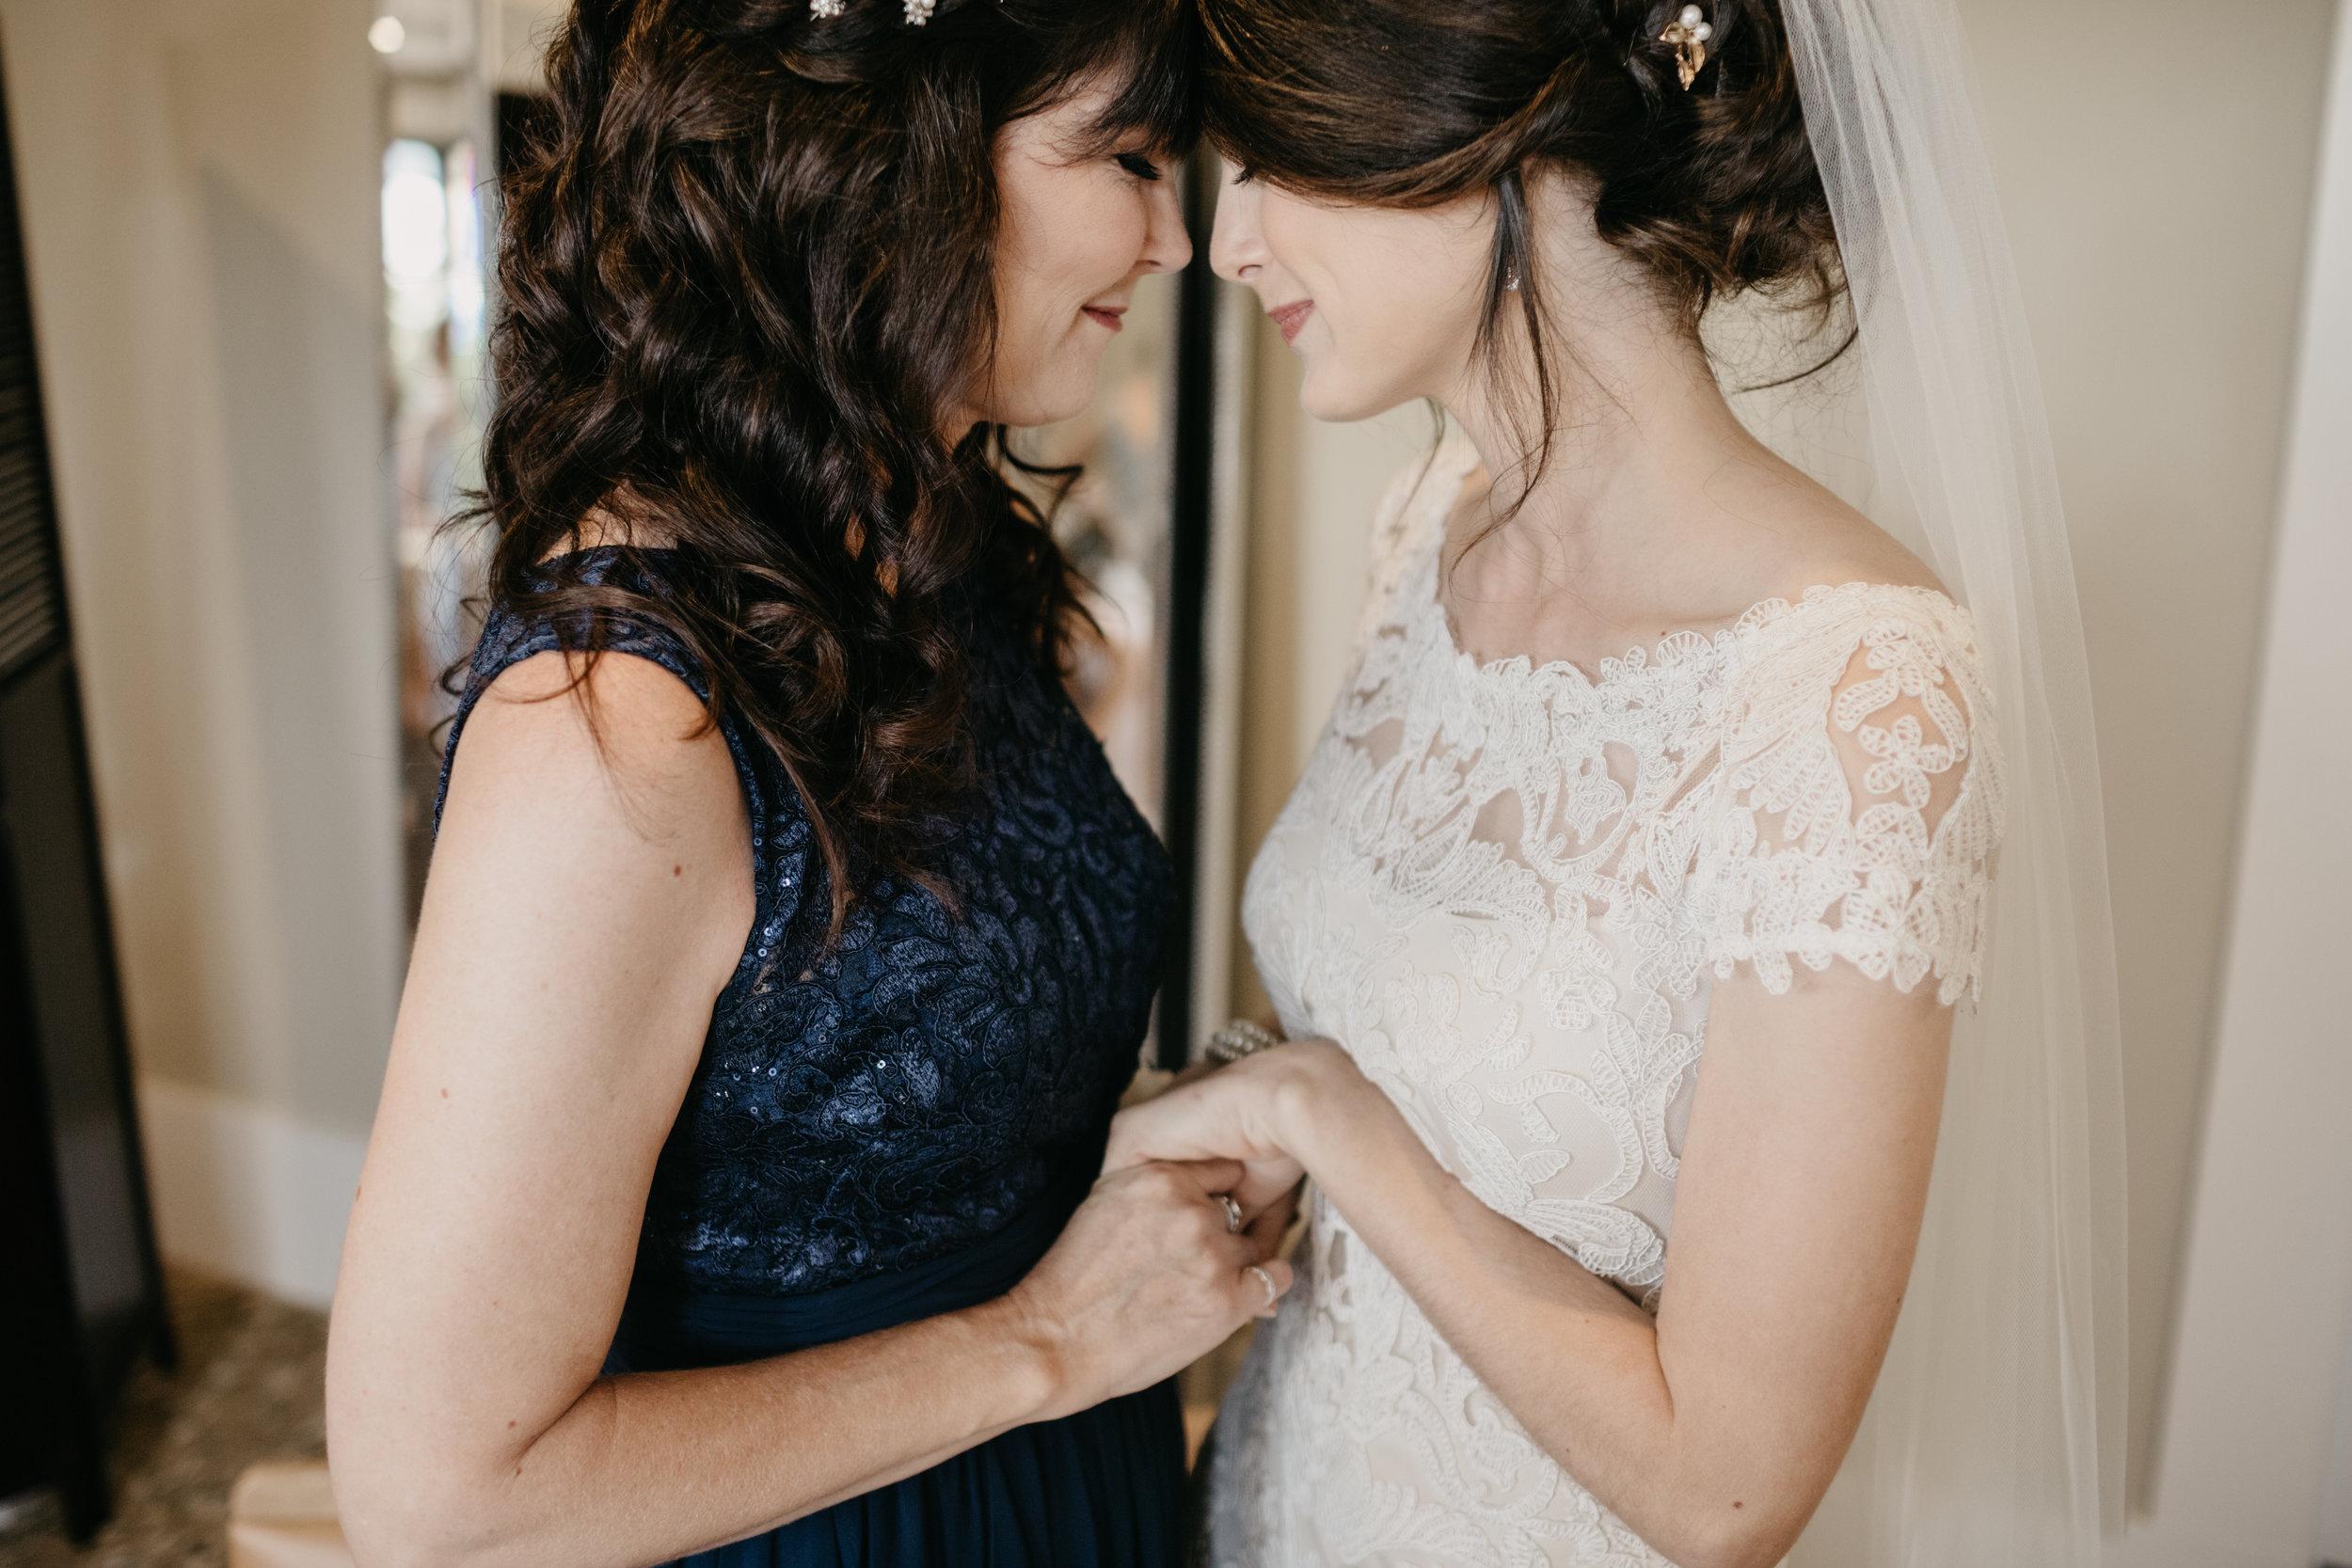 Sep.-Ungersma Wedding-777.jpg